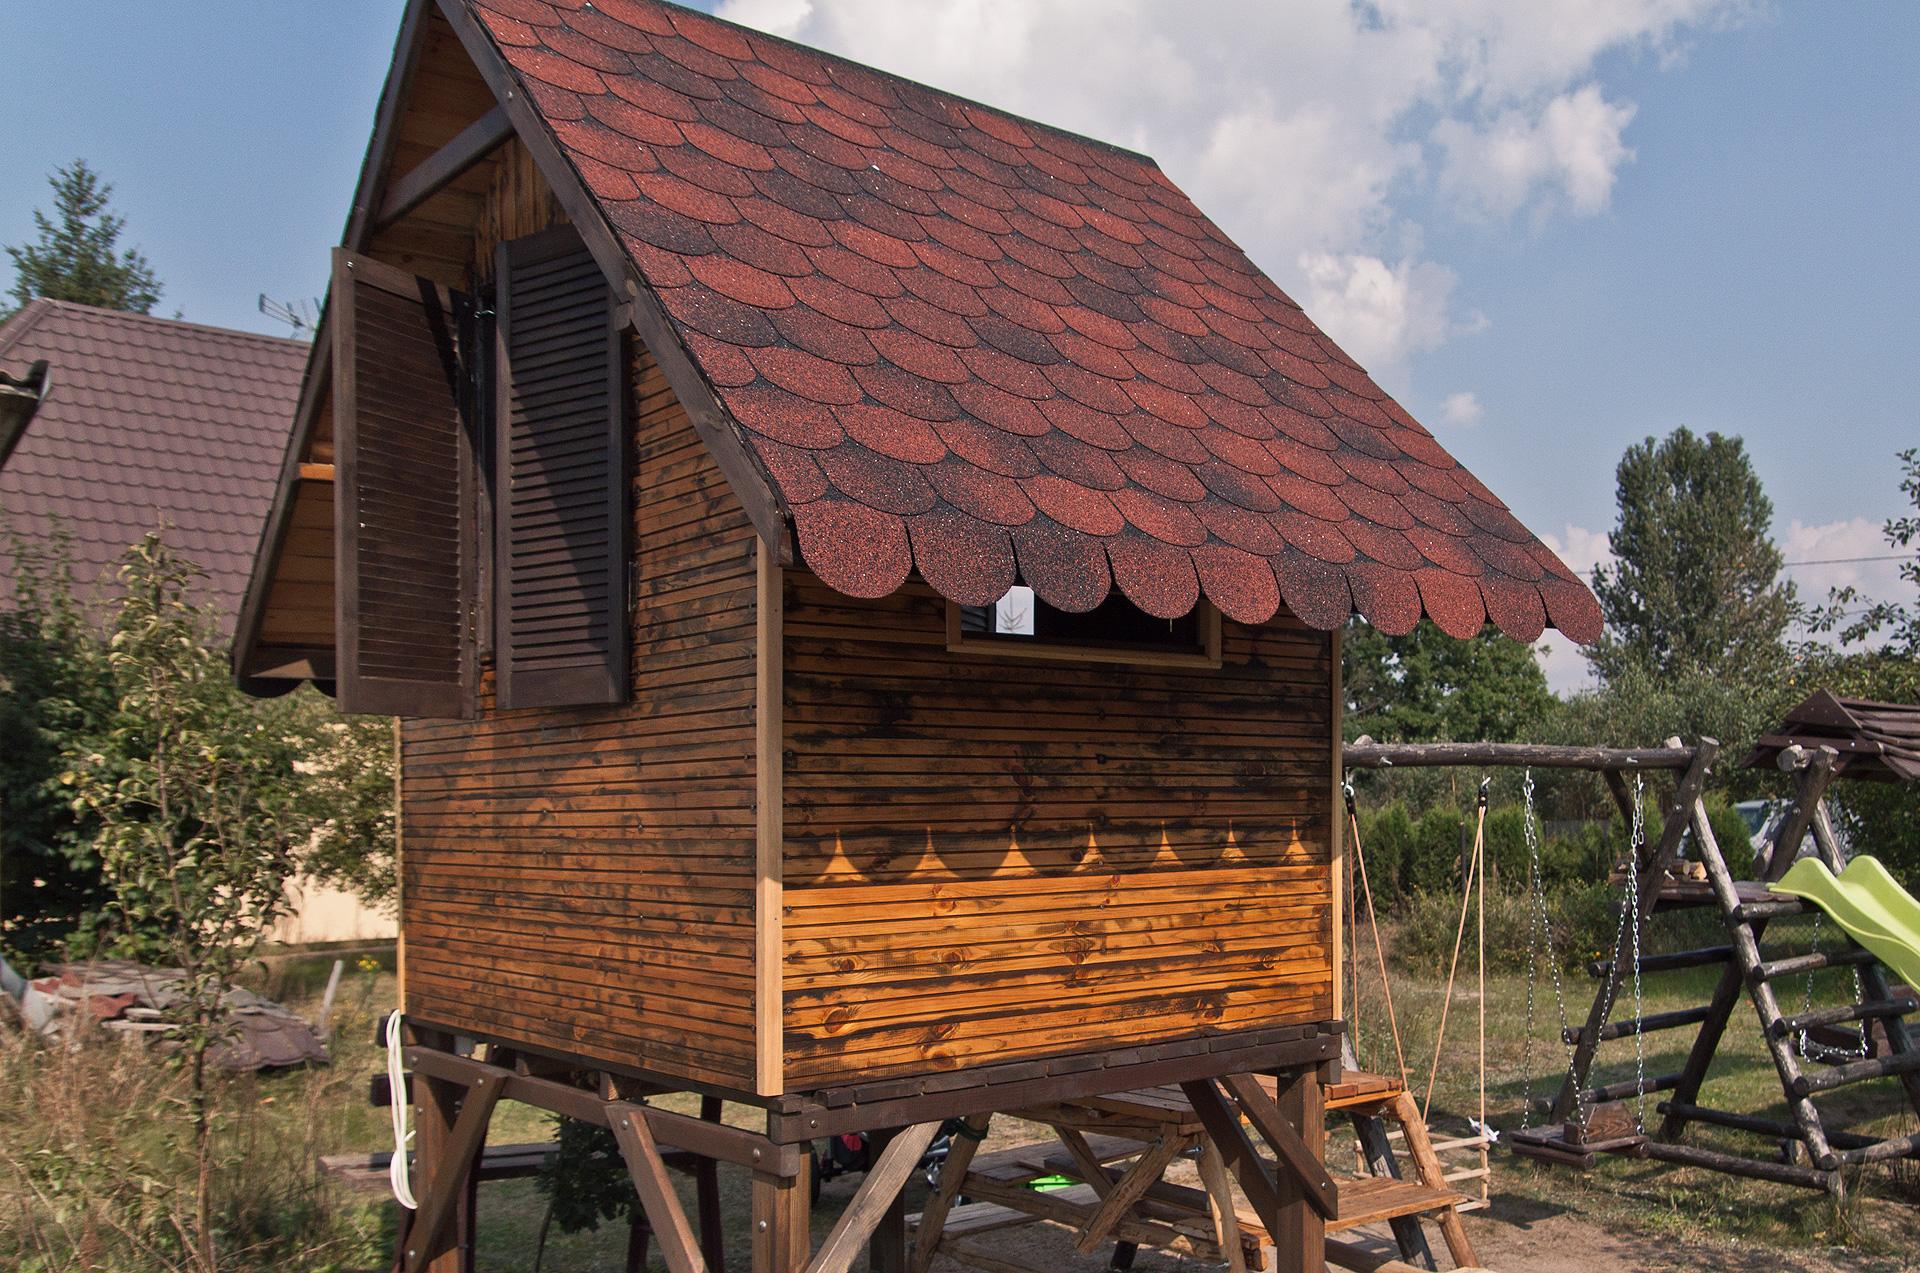 Domek pokryty gontem